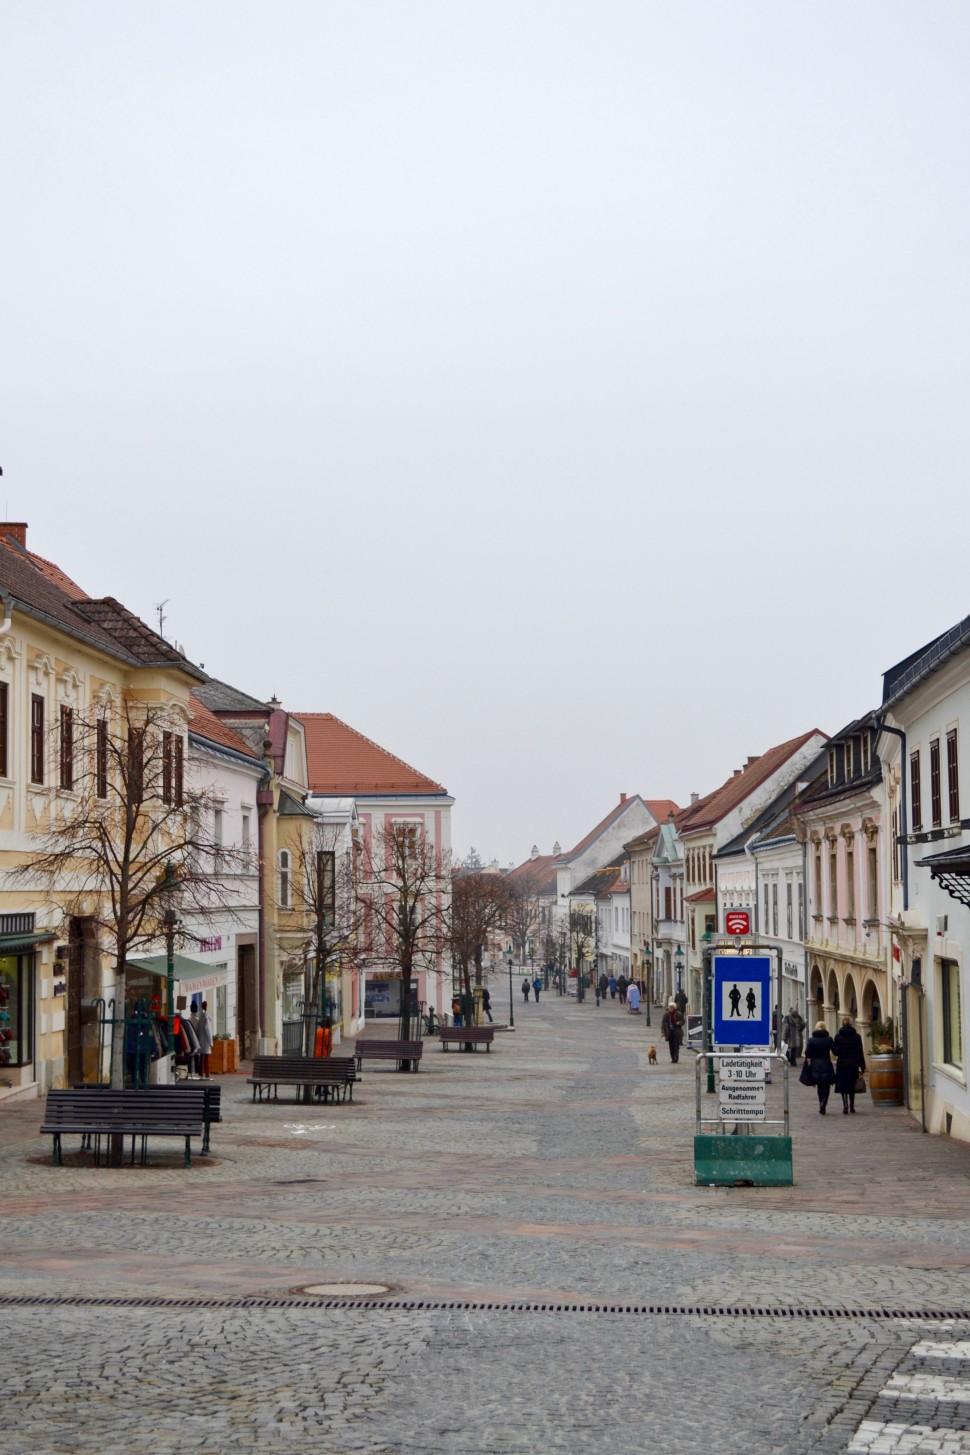 Burgenland_Eisenstadt_city_street_